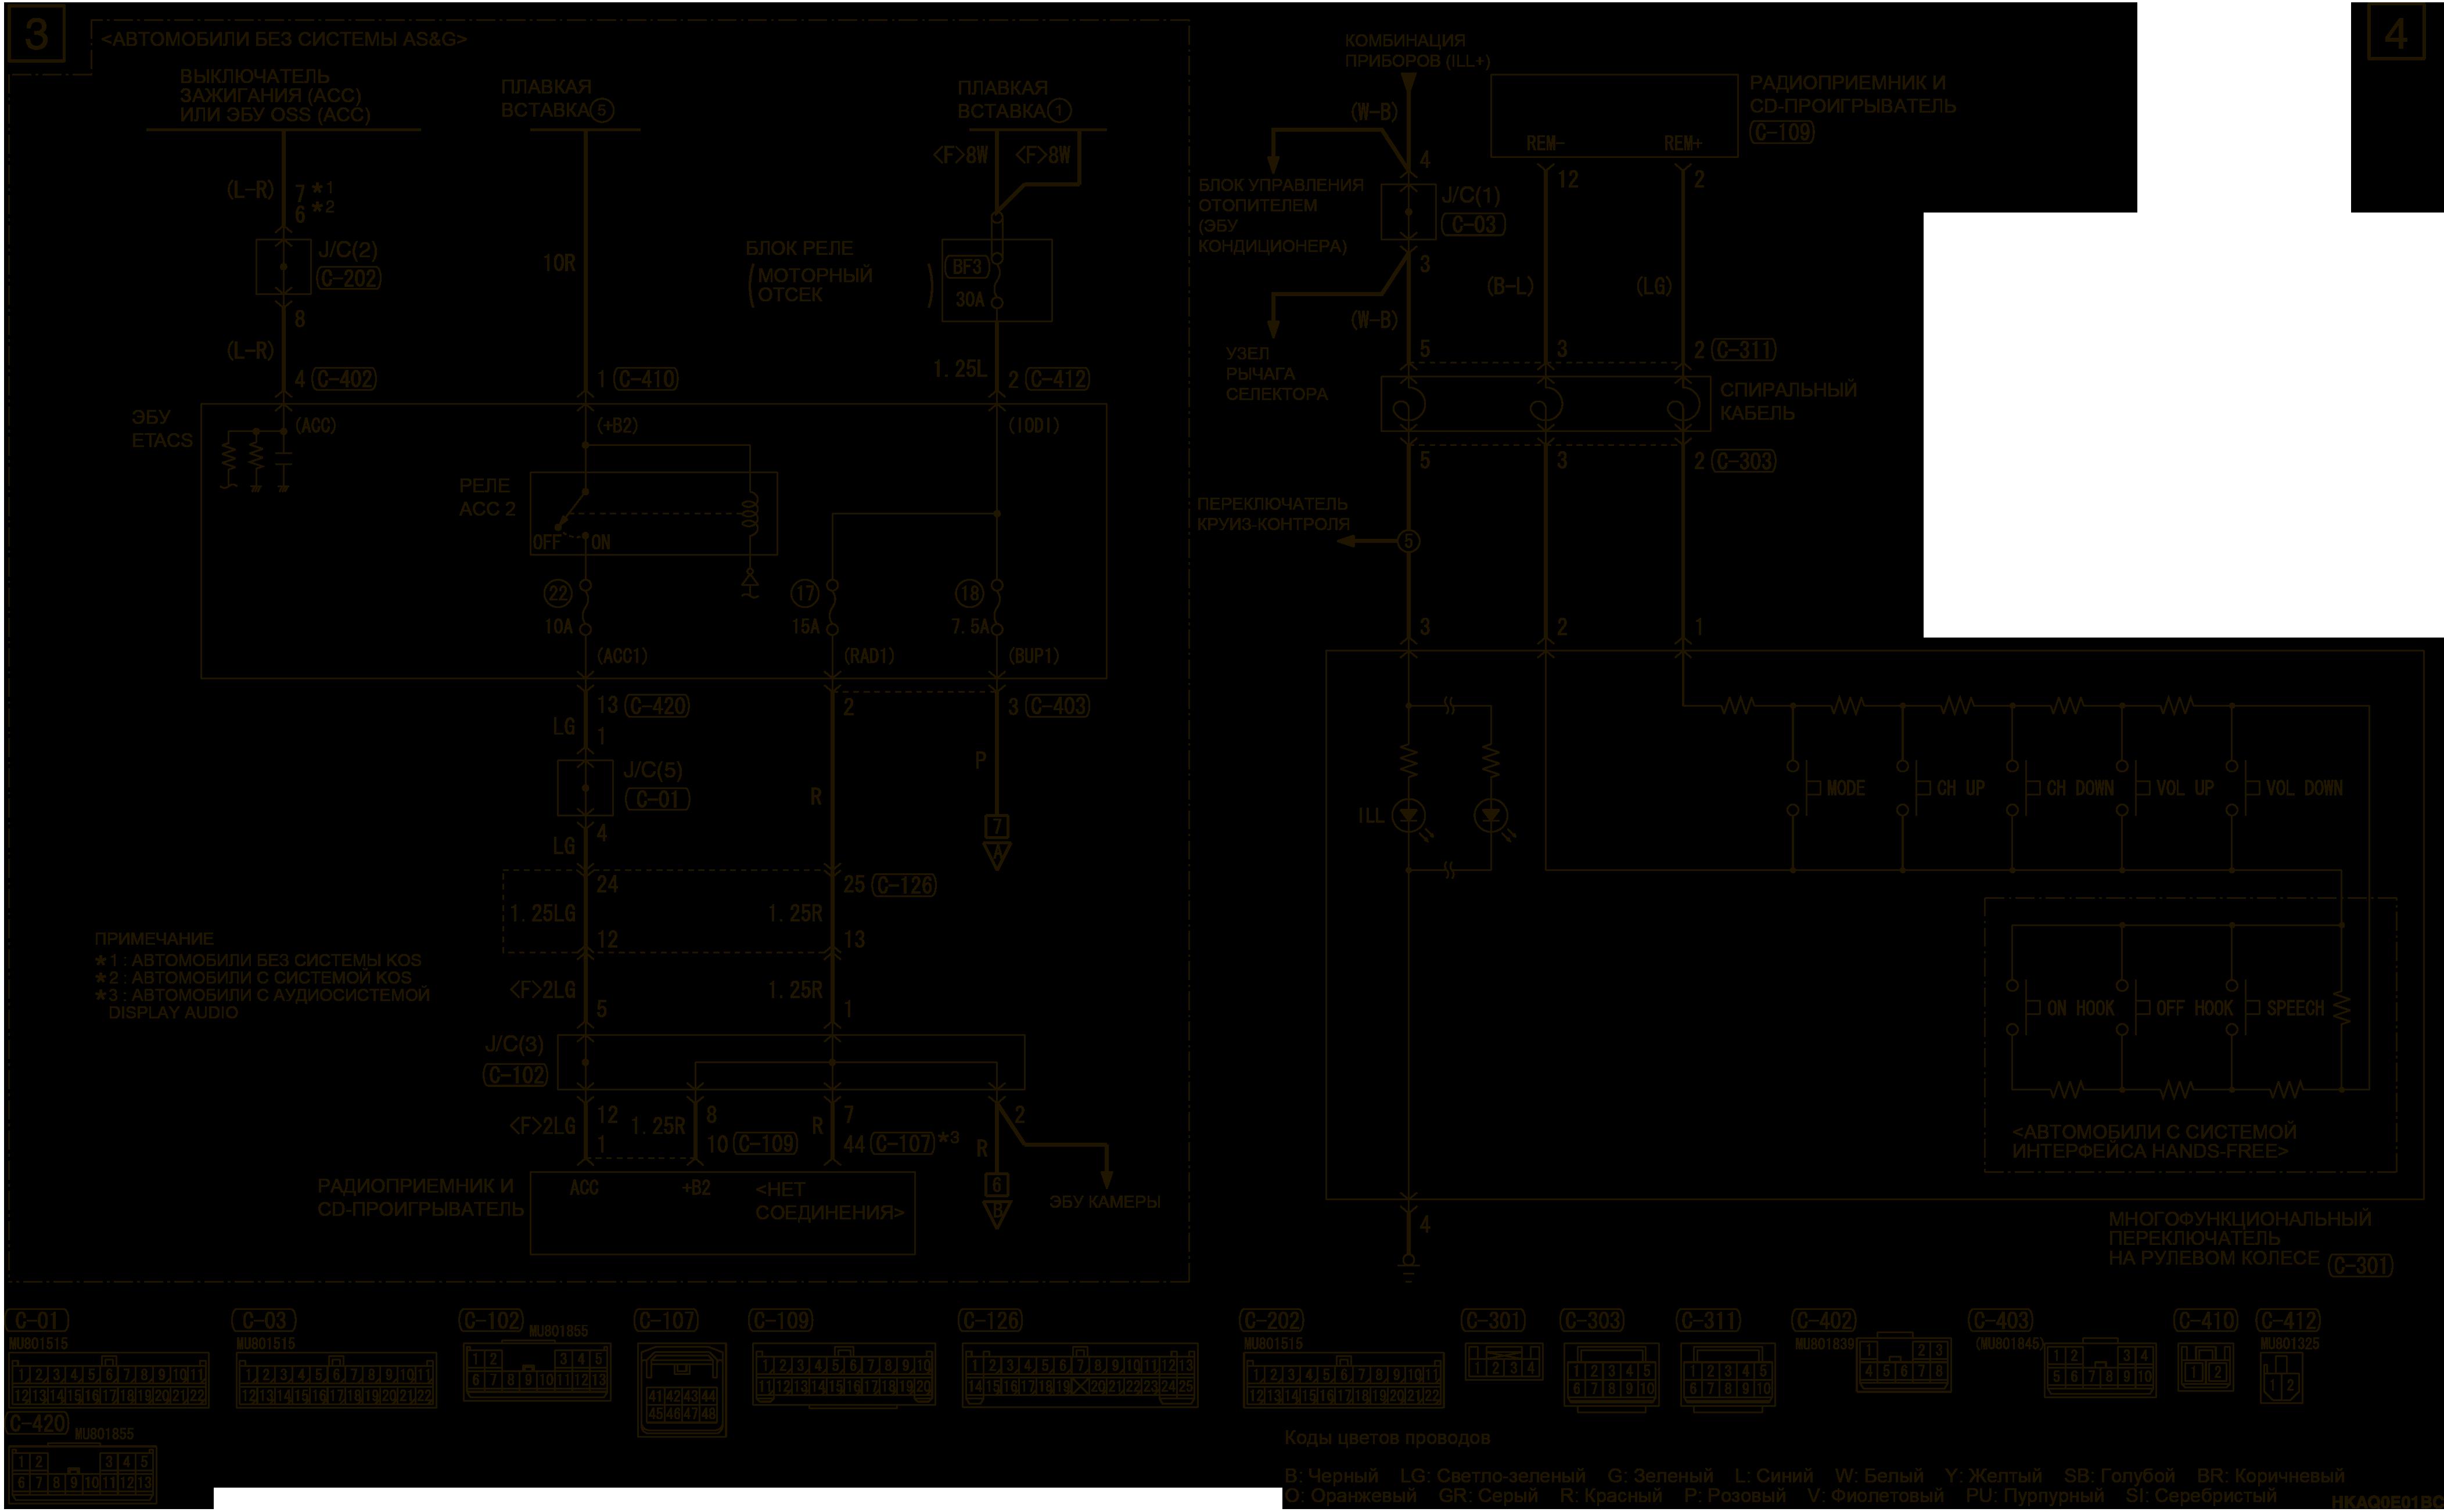 mmc аутлендер 3 2019 электросхемаАУДИОСИСТЕМА АВТОМОБИЛИ БЕЗ АУДИОСИСТЕМЫ SMARTPHONE LINK DISPLAY (ПРАВОСТОРОННЕЕ УПРАВЛЕНИЕ)